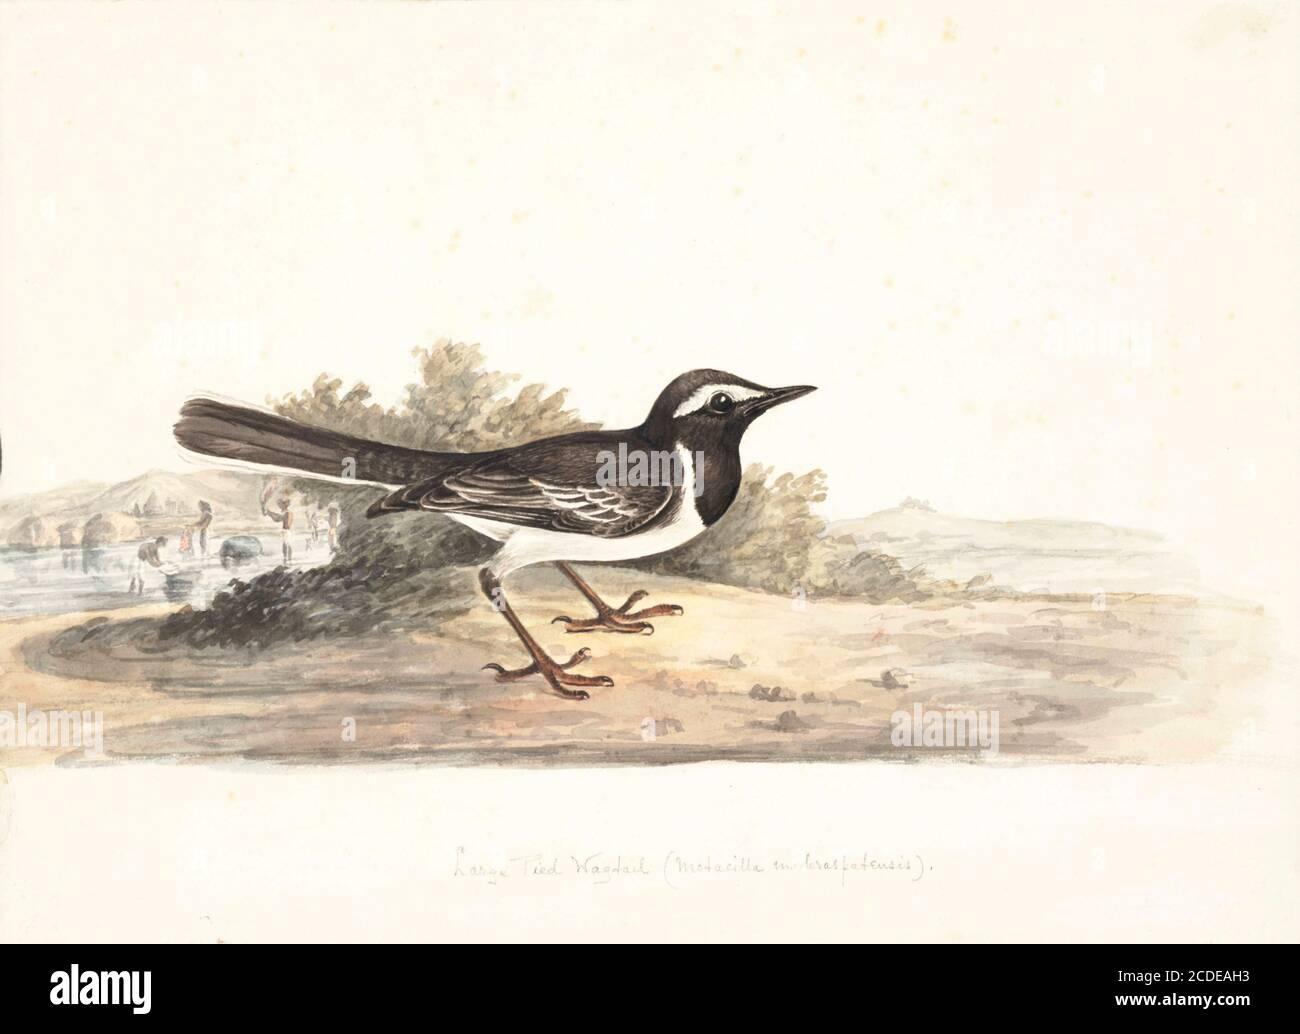 El wagtail de color blanco o el wagtail de ancho (Motacilla maderaspatensis) es un ave de tamaño medio y es el miembro más grande de la familia de los wagtail. Están visiblemente estampados con negro por encima y blanco por debajo, una prominente frente blanco, banda de hombro y plumas de la cola exterior. Los vagones de cejas blancas son nativos del sur de Asia, comunes cerca de pequeñas masas de agua y se han adaptado a entornos urbanos donde a menudo anidan en tejados. El nombre específico se deriva de la ciudad India de Madras (ahora Chennai). Pintura acuarela del siglo XVIII por Elizabeth Gwillim. Lady Elizabeth Symonds Gwillim (21 AP Foto de stock